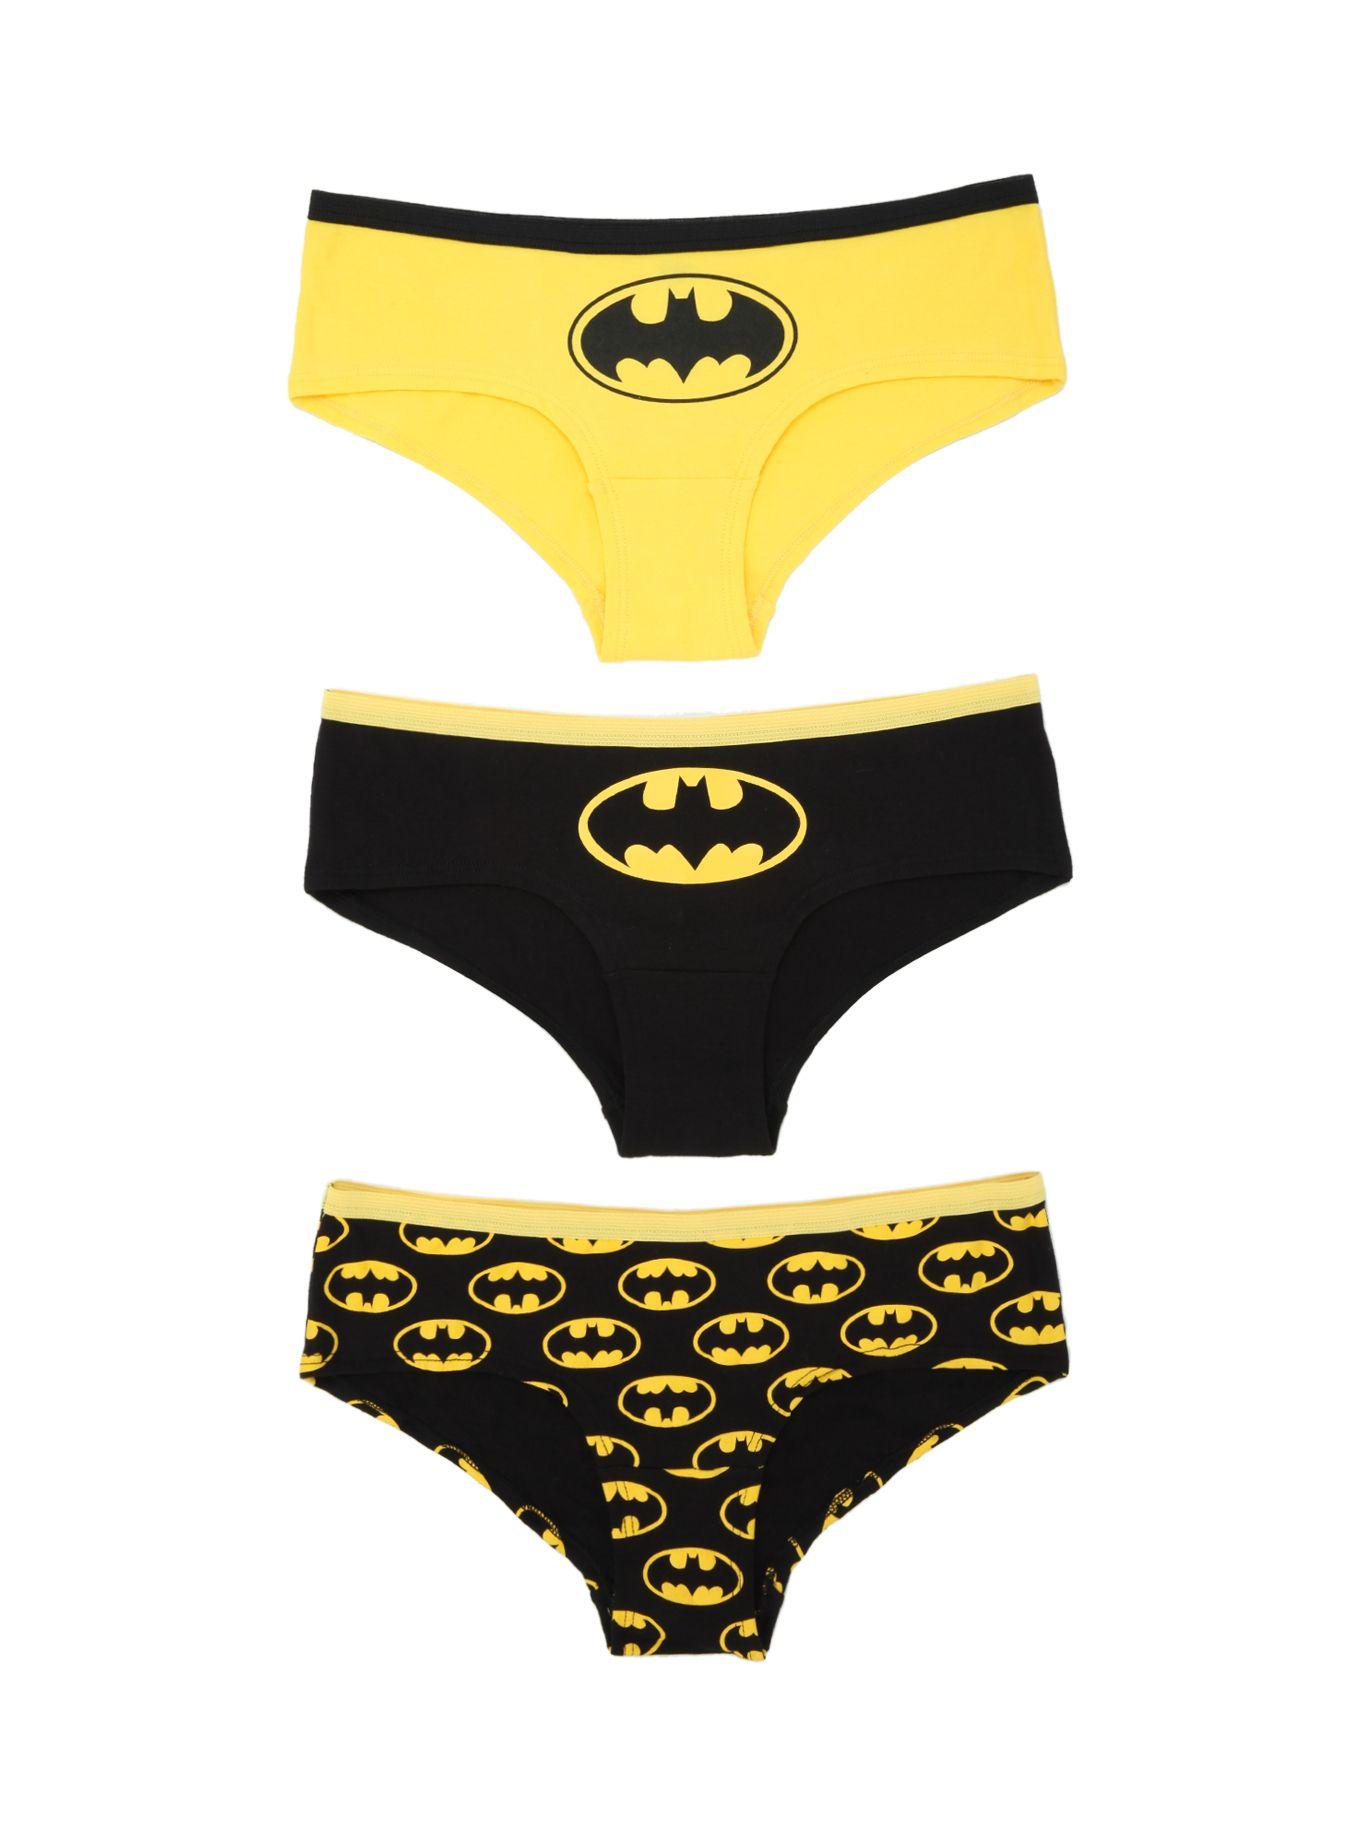 81b3a31465df Holy Hot Pants, Batman! | Batman | Batman outfits, Hot pants, Batman